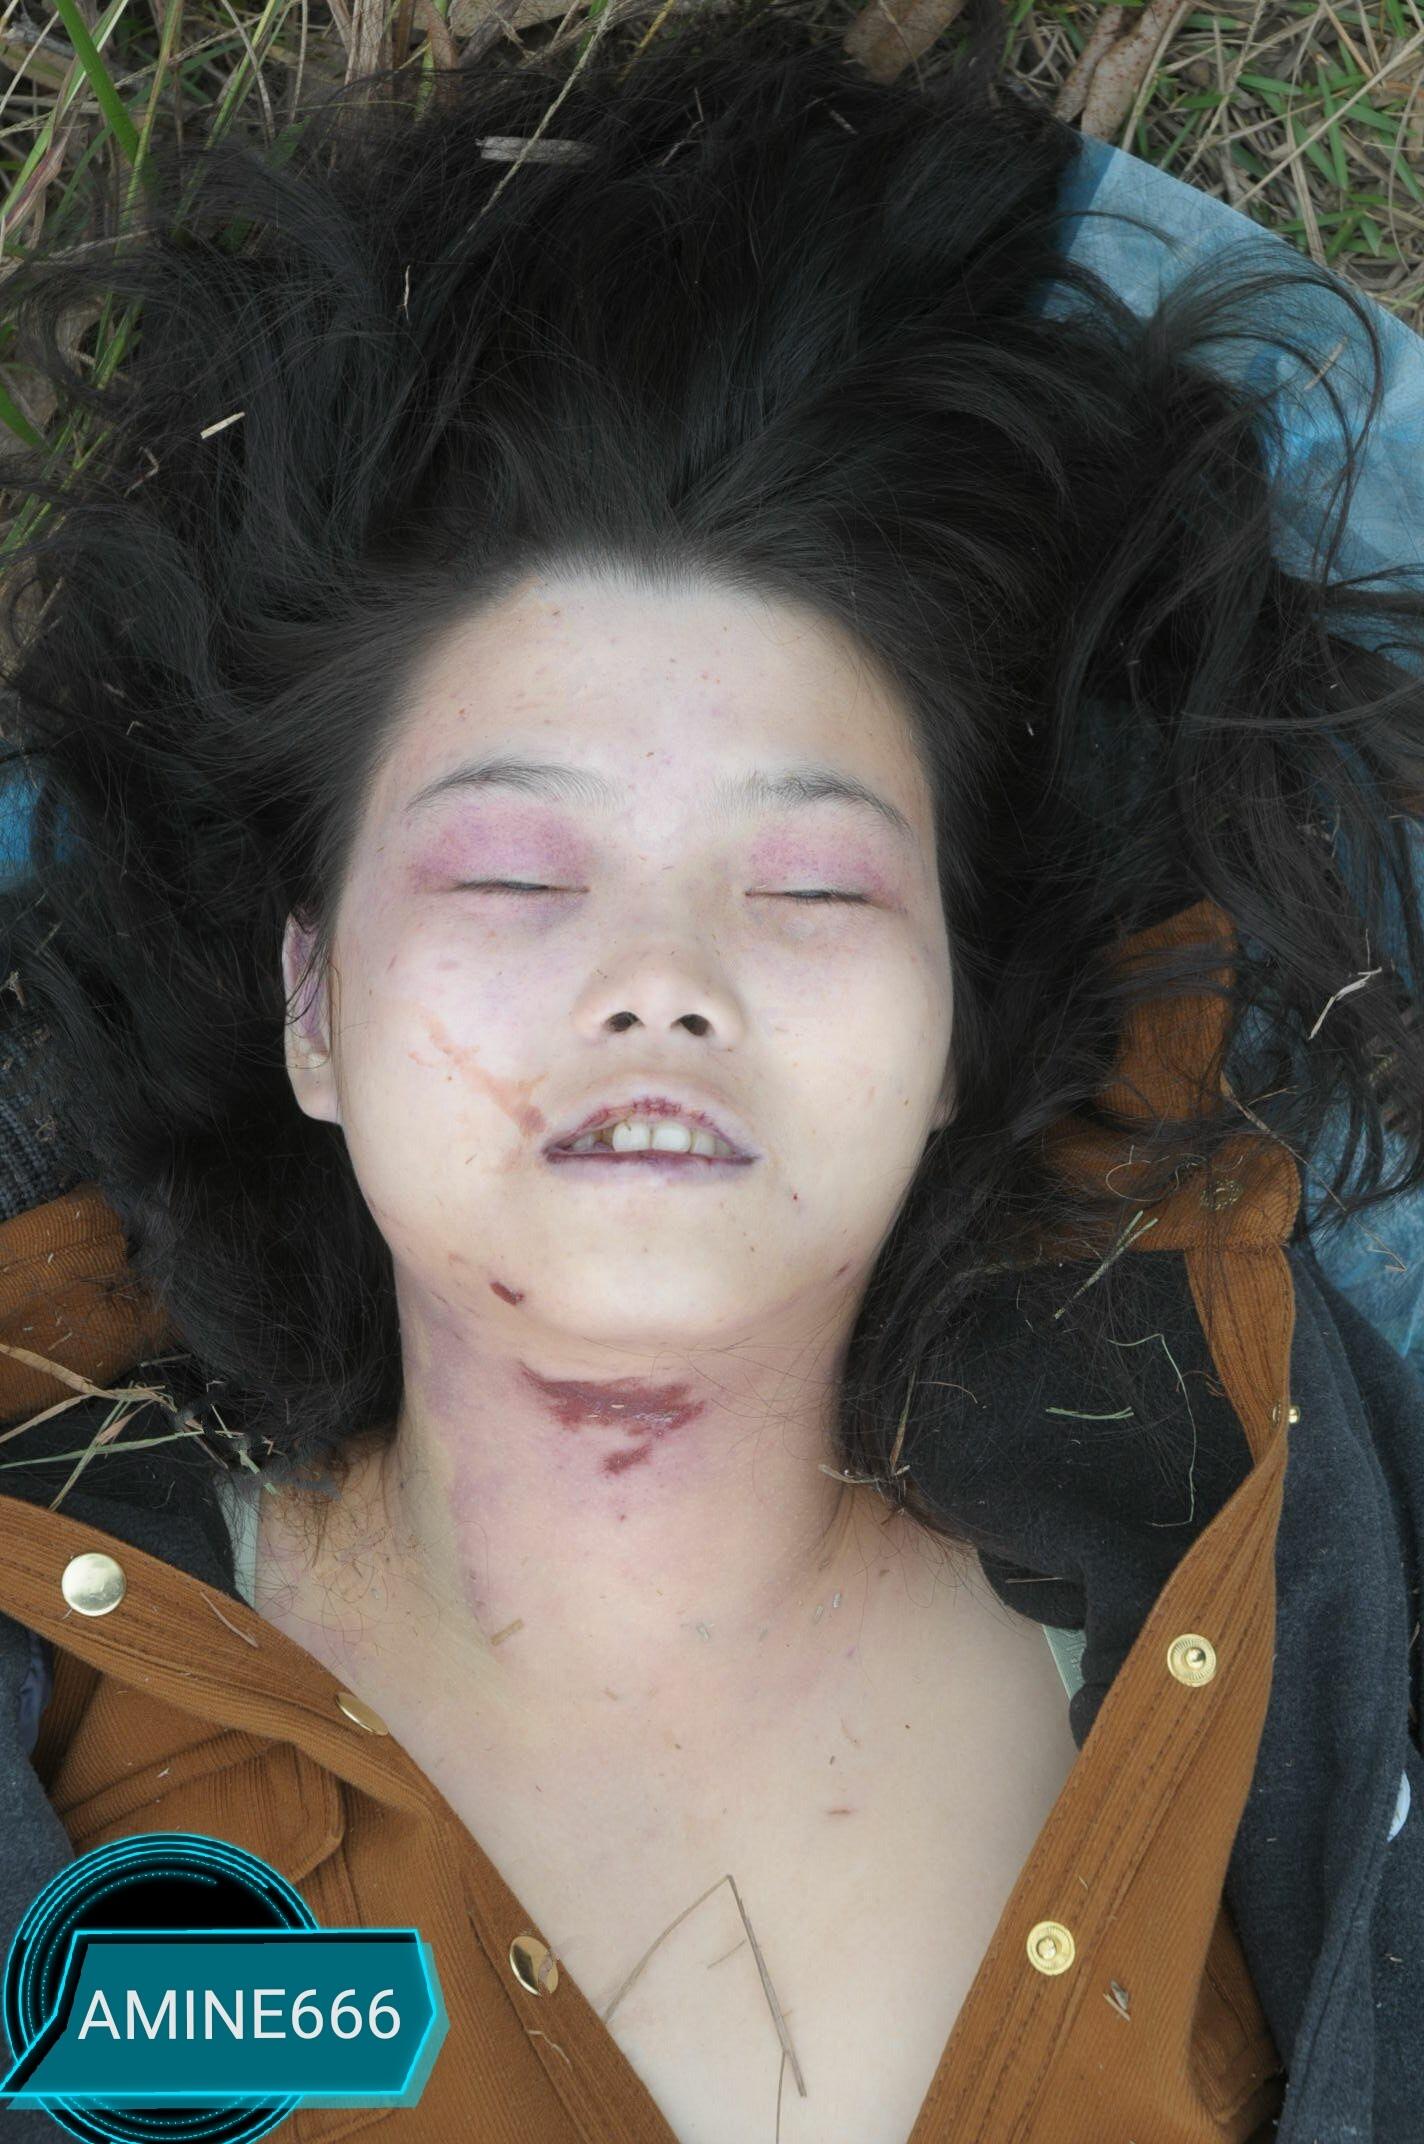 【遺体注意】草むらでレイプされた後絞殺された中国人少女、その場で検視されてる画像がヤバい・・・・・(画像)・6枚目